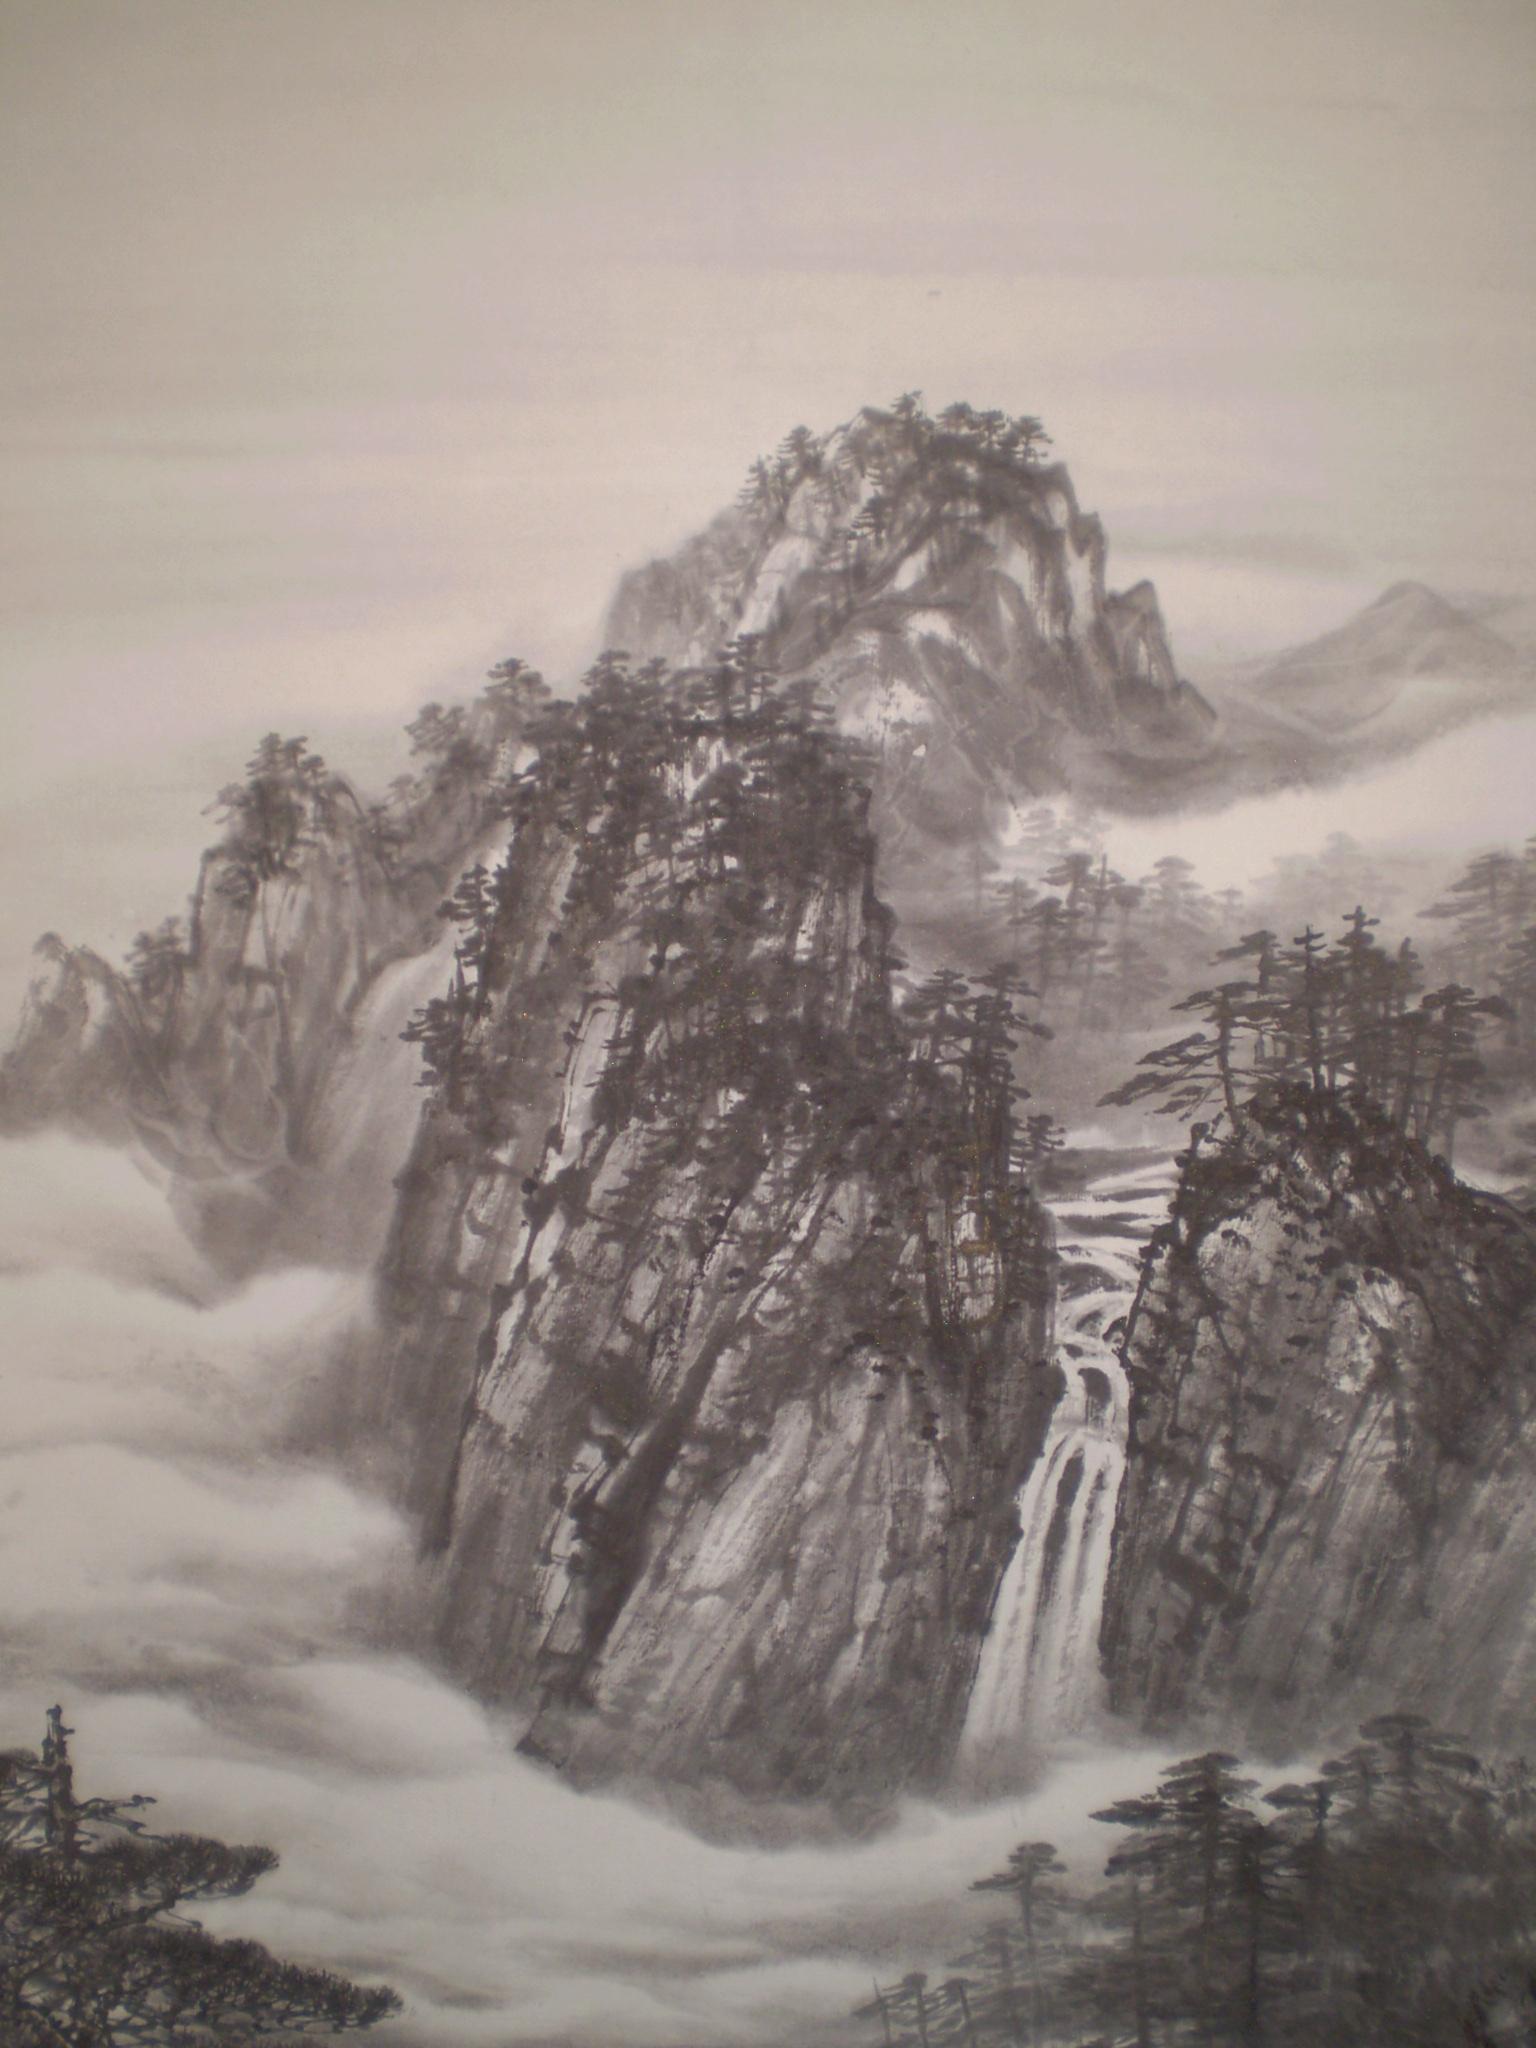 作 品 名 黄 山 水 墨 山 水 黄 山(1990年世界遺産登録) 黄山()、中国安徽省景勝地。 伝説仙境彷彿独特景観、古「天下名勝、 黄山集」言、数多文人訪。 黄山立並岩石古生代出来、 長年月経浸食、 現在様断崖絶壁景観。 海抜1000m以上峰多数、 特三主峰呼蓮花峰、光明頂、天都峰、 他69峰。 、黄山奇松、怪石、雲海、温泉、 「黄